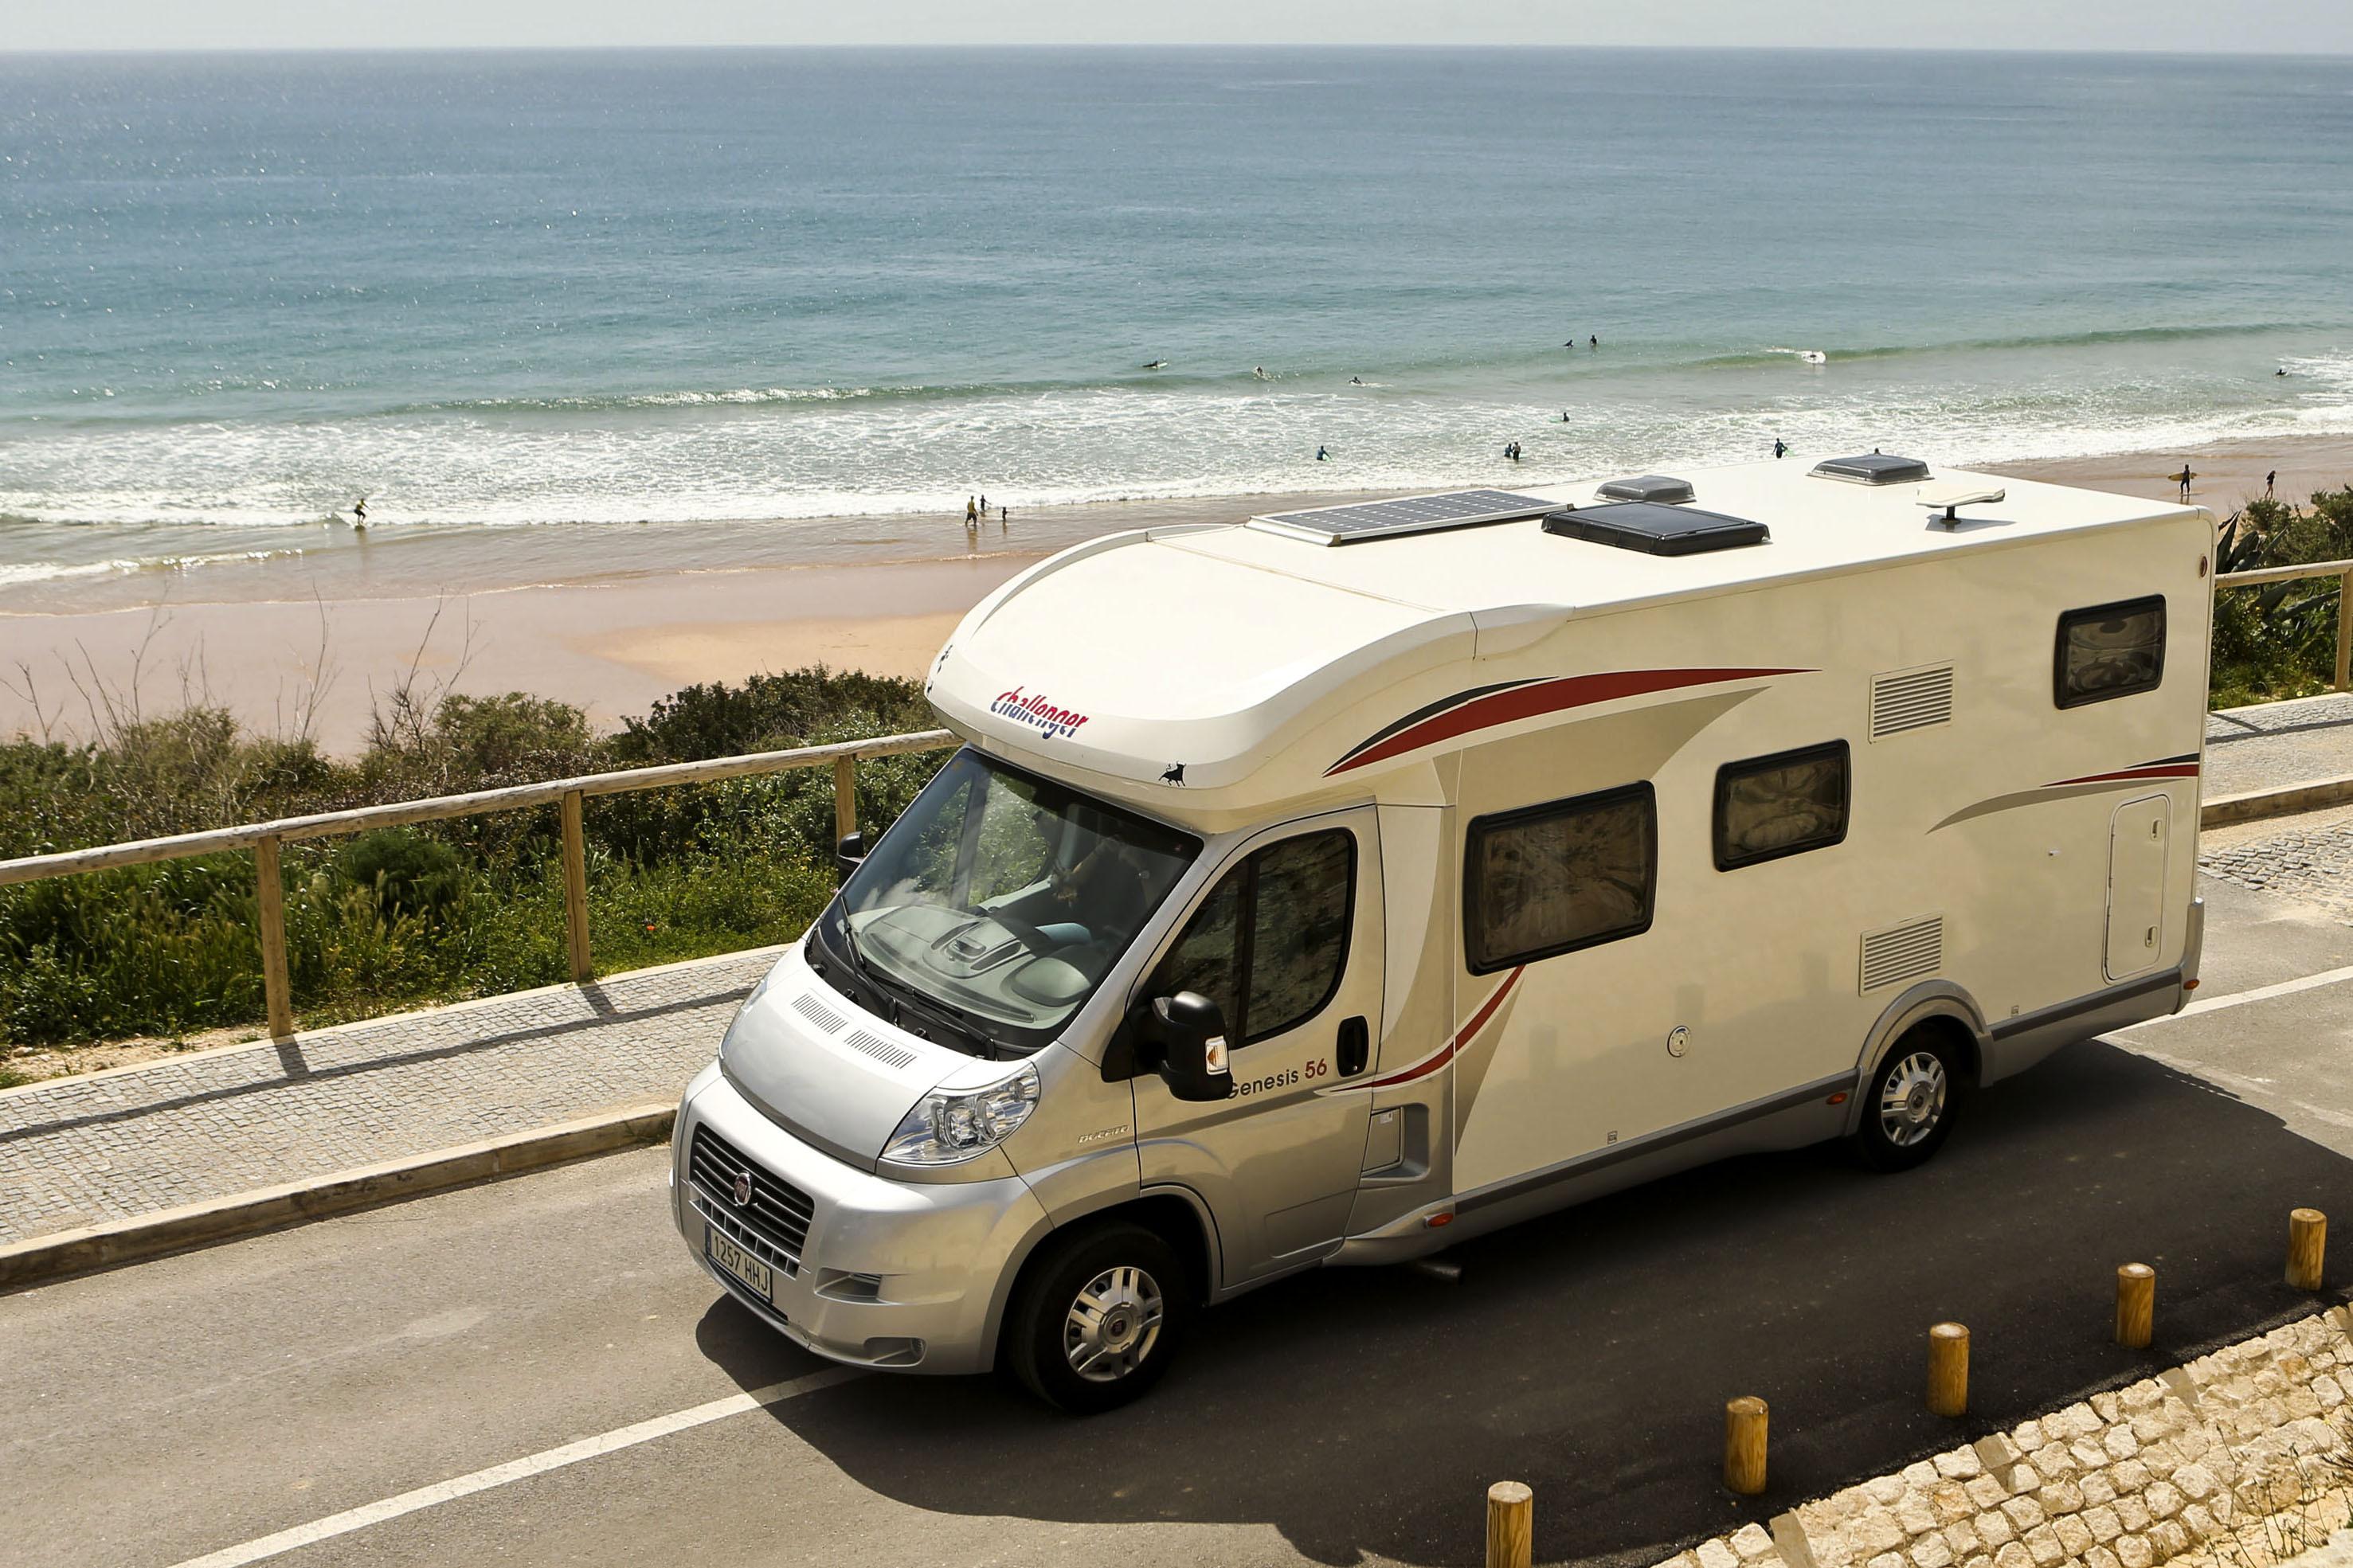 Moradores de Altura, Algarve, criticam presença de autocaravanas perto da praia